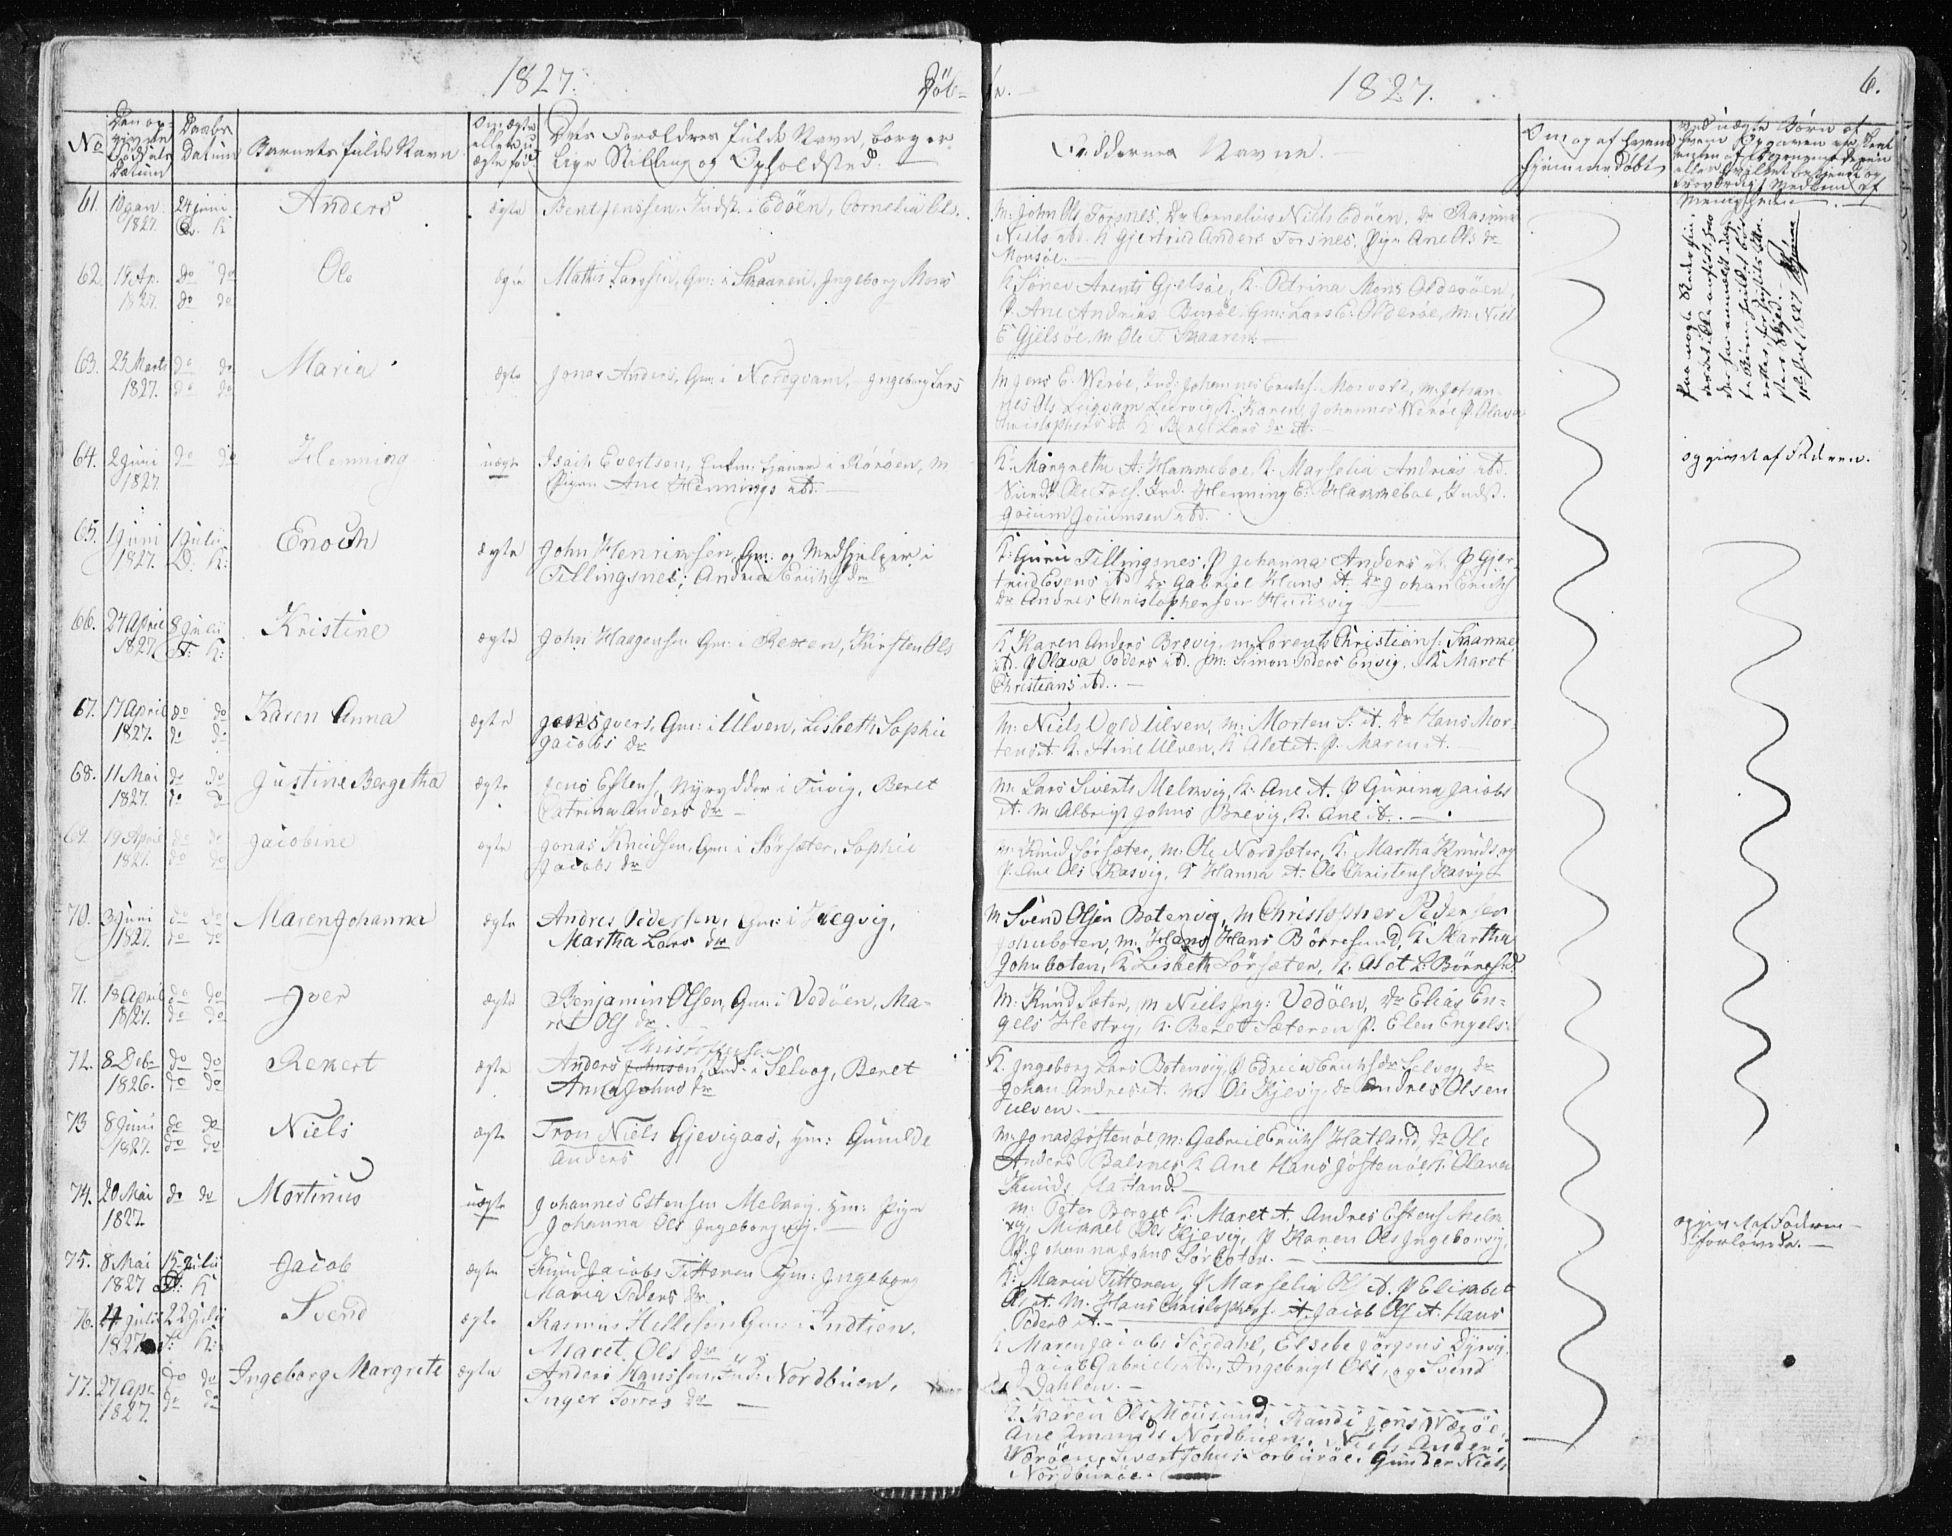 SAT, Ministerialprotokoller, klokkerbøker og fødselsregistre - Sør-Trøndelag, 634/L0528: Ministerialbok nr. 634A04, 1827-1842, s. 6